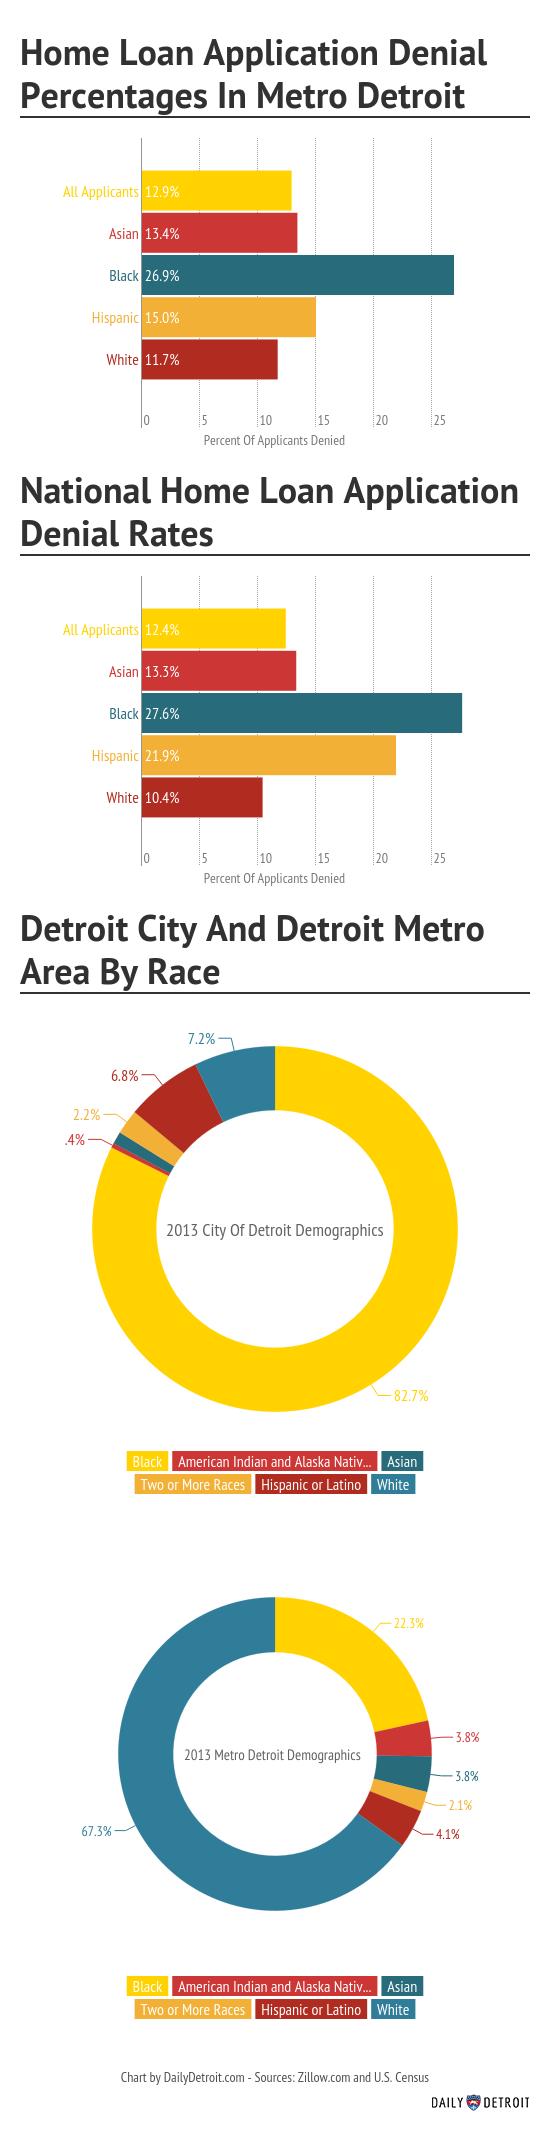 Home Loans by Race in Metro Detroit